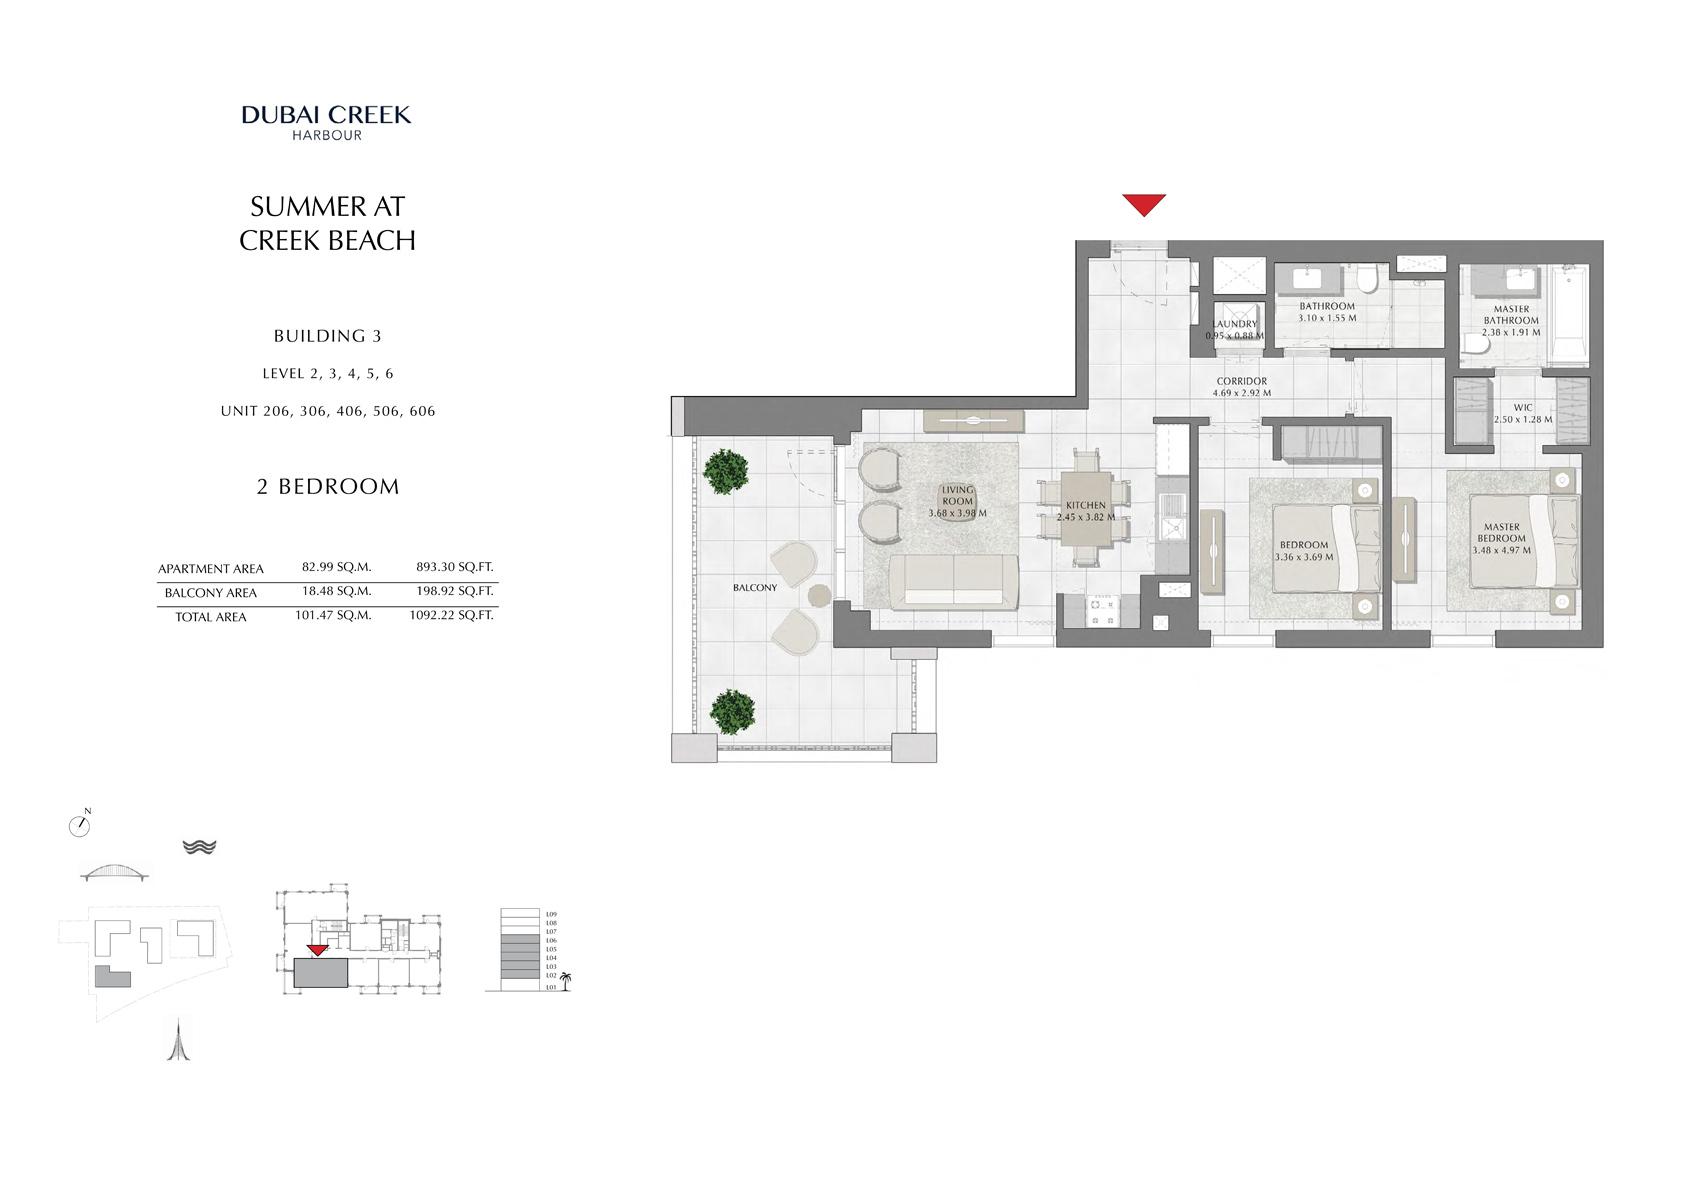 2 Br Building 3 Level-2-3-4-5-6 Unit-206-306-406-506-606, Size 1092 Sq Ft